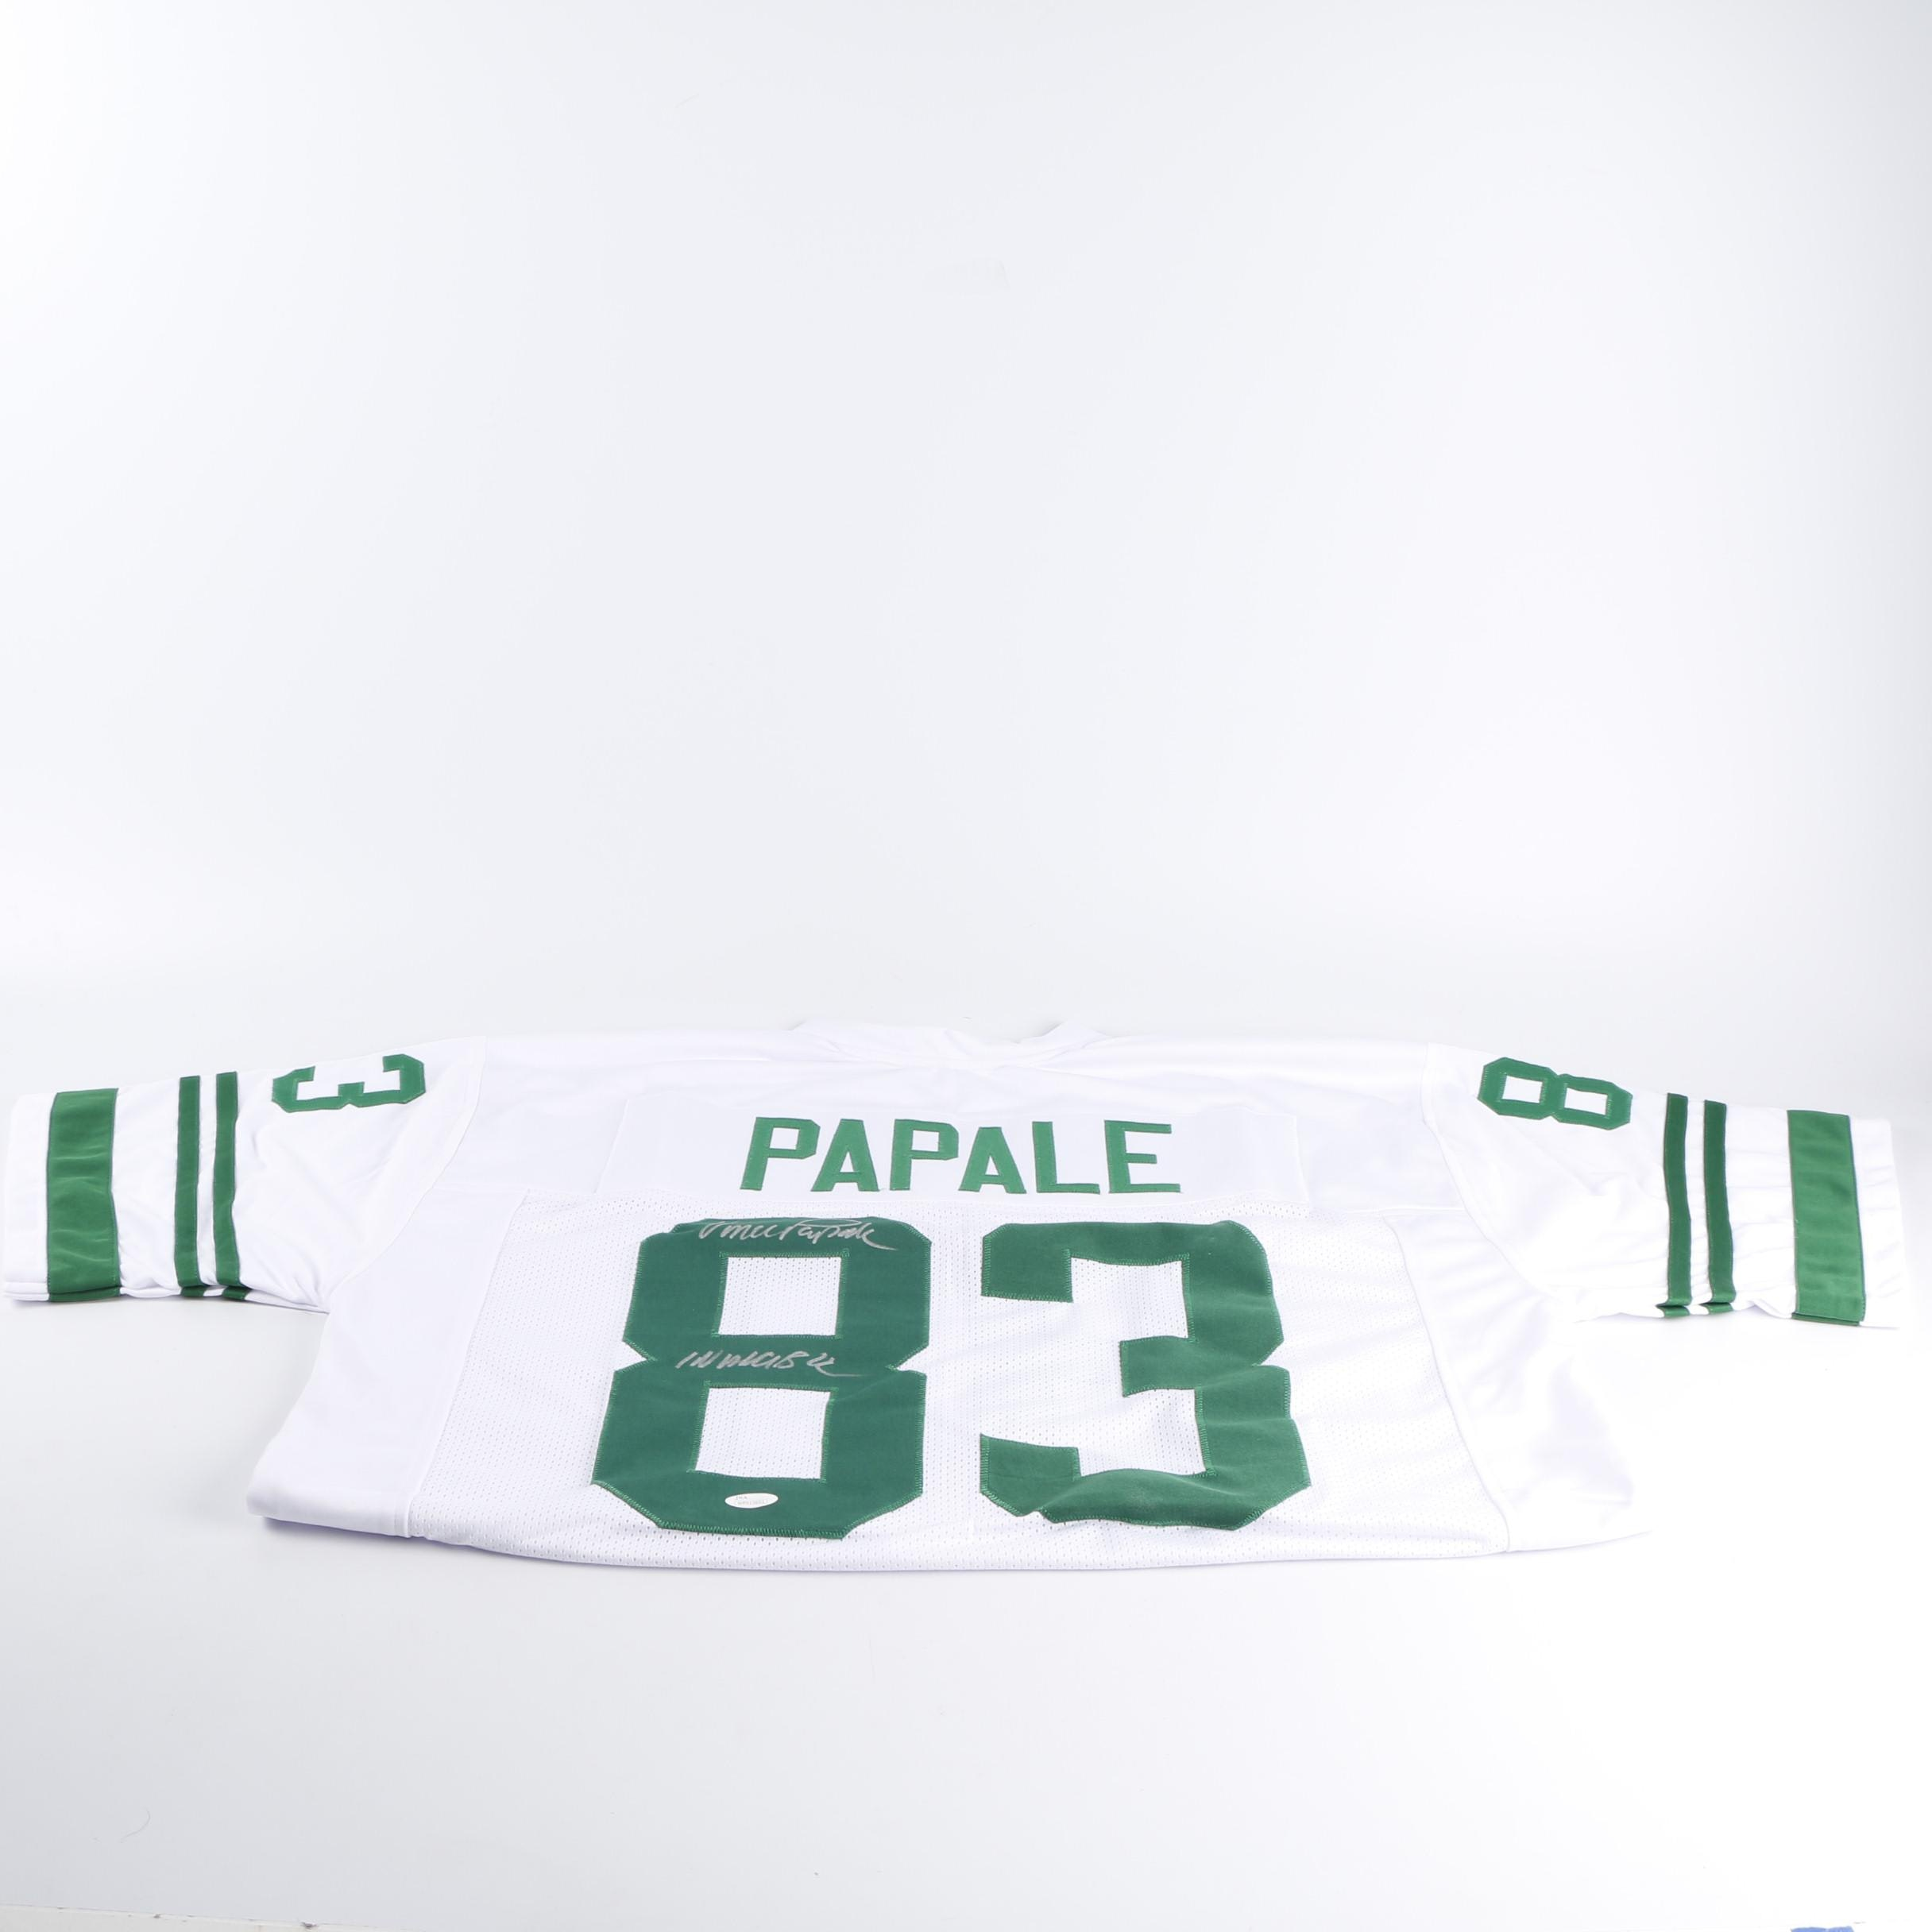 Vince Papale Autographed Jersey - JSA COA